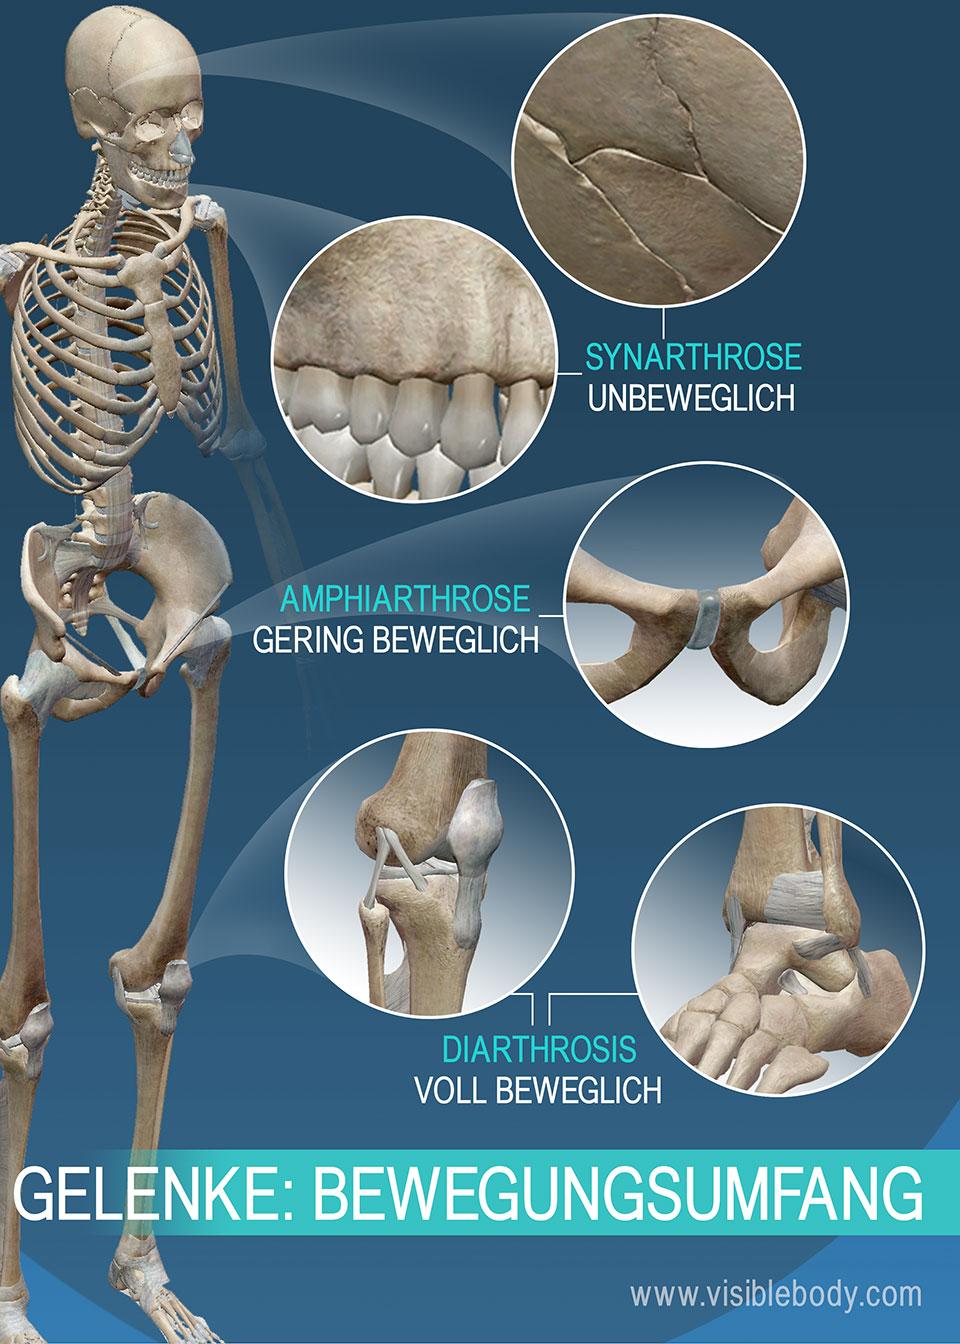 Gelenke lassen sich nach ihrer Beweglichkeit einteilen: Synarthrosen (unechte Gelenke), Amphiarthrosen (gering bewegliche Gelenke), Diarthrosen (echte Gelenke